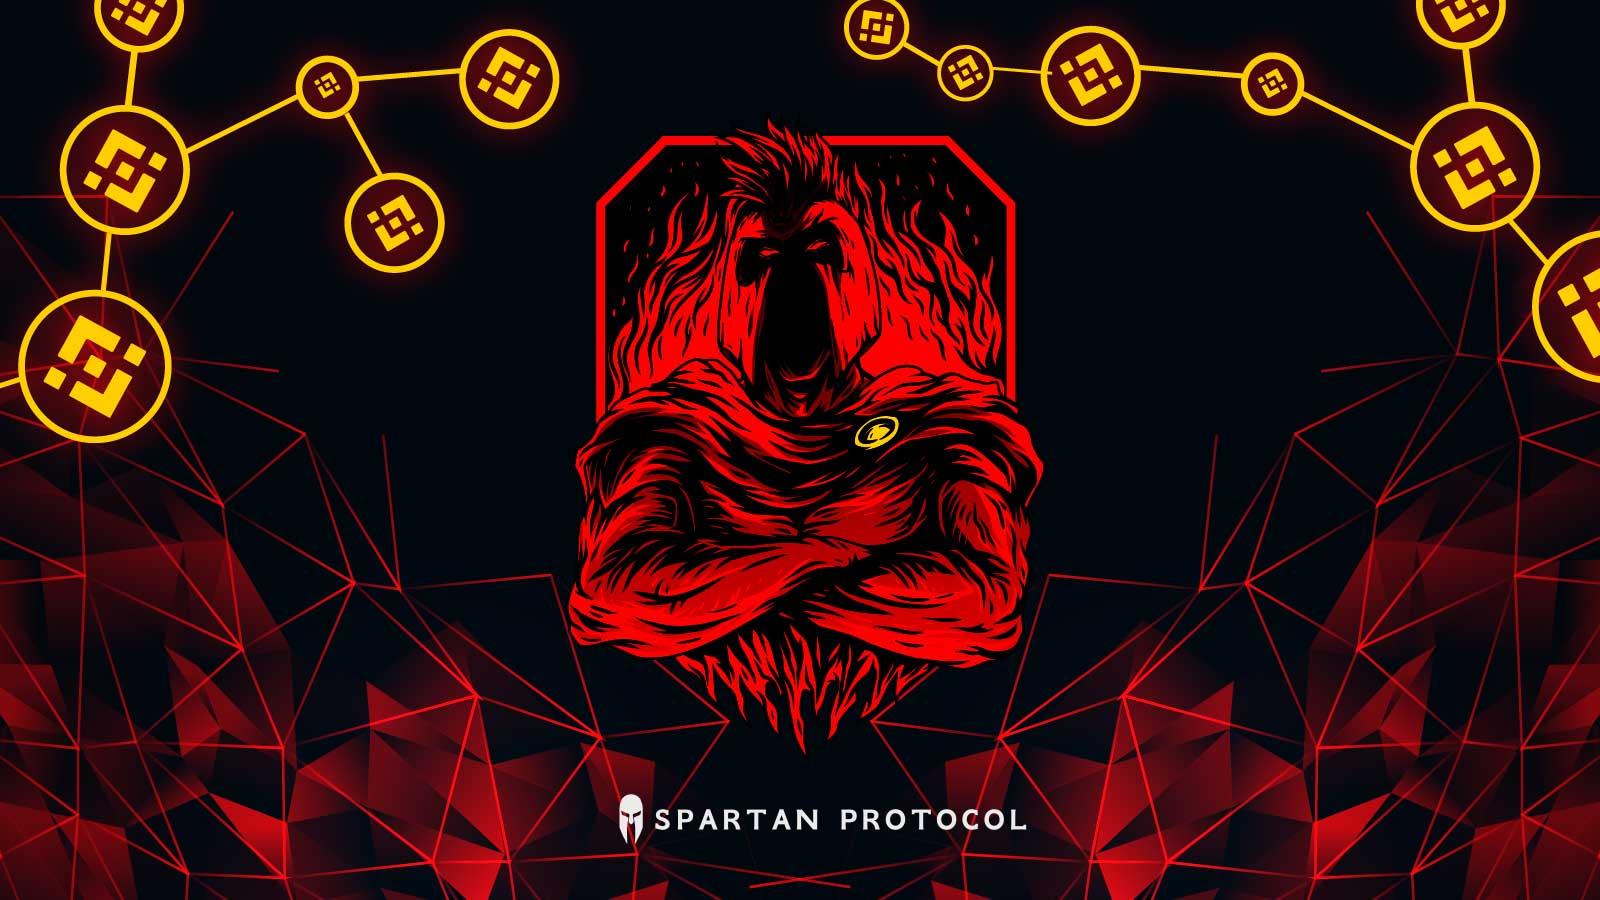 Хакер вывел 30 млн. долларов из протокола Spartan